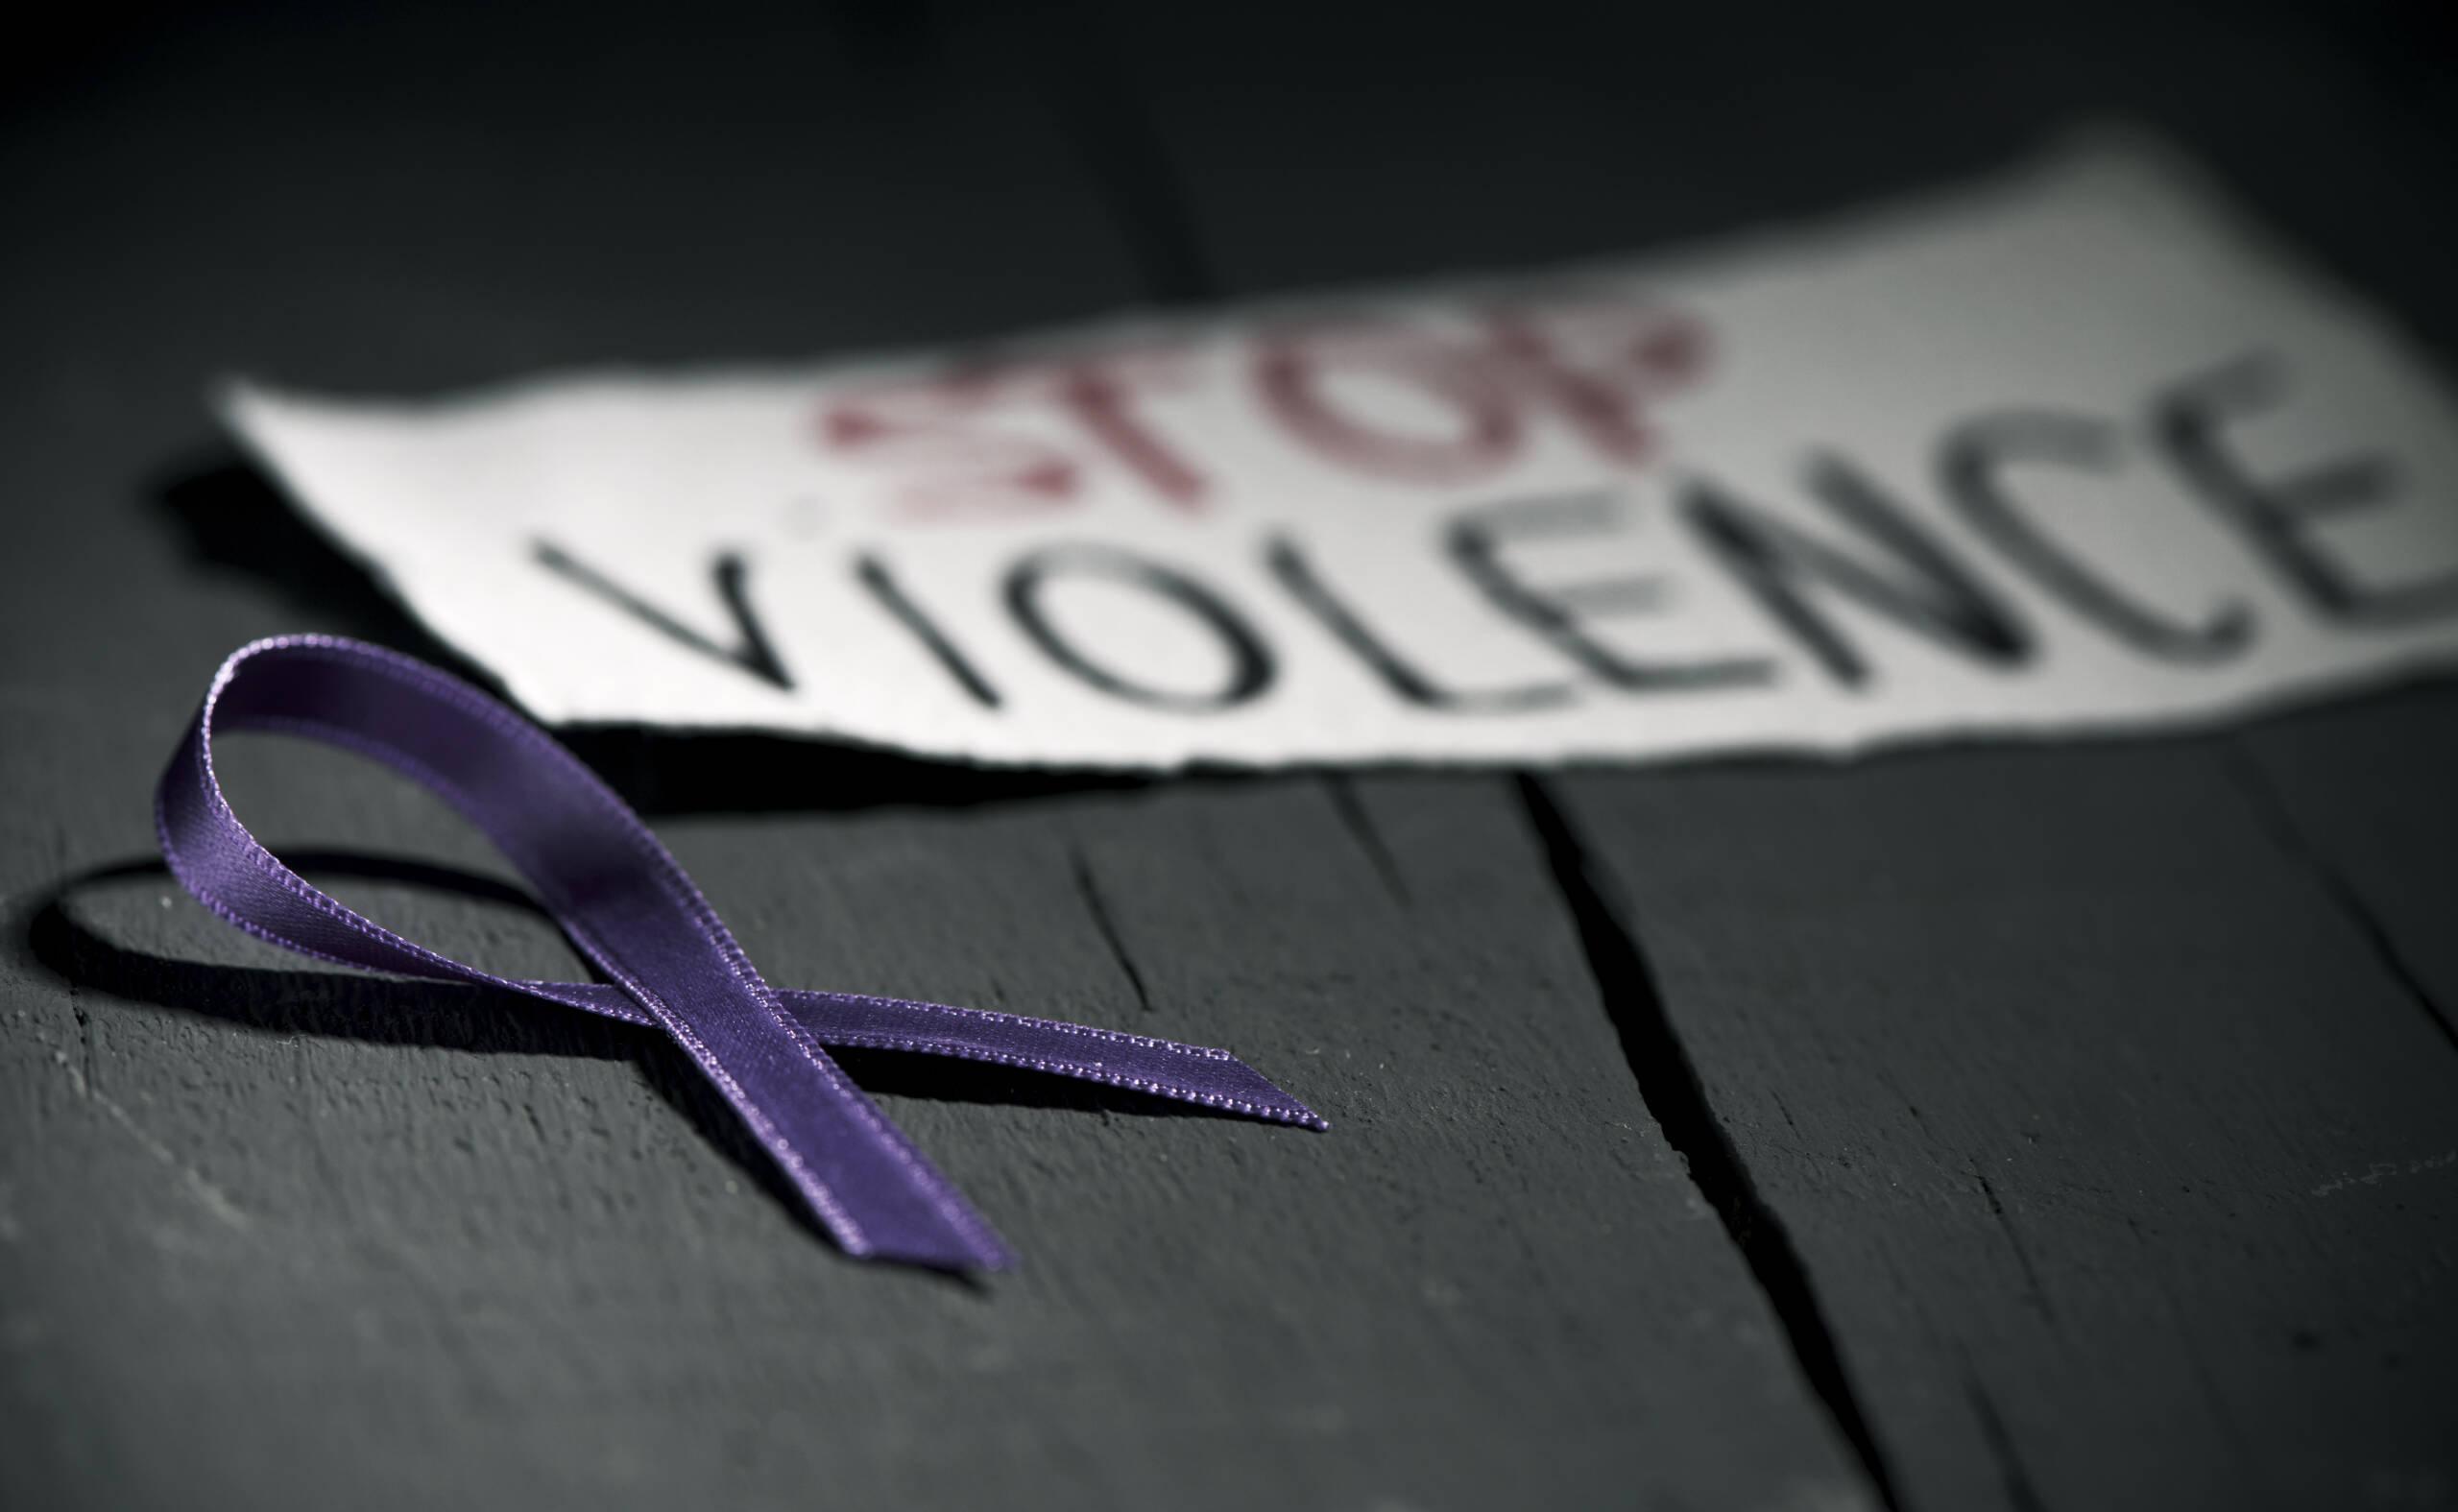 Giornata contro la violenza sulle donne, Catania si illumina di rosso: in Sicilia registrati 8 femminicidi da gennaio 2020